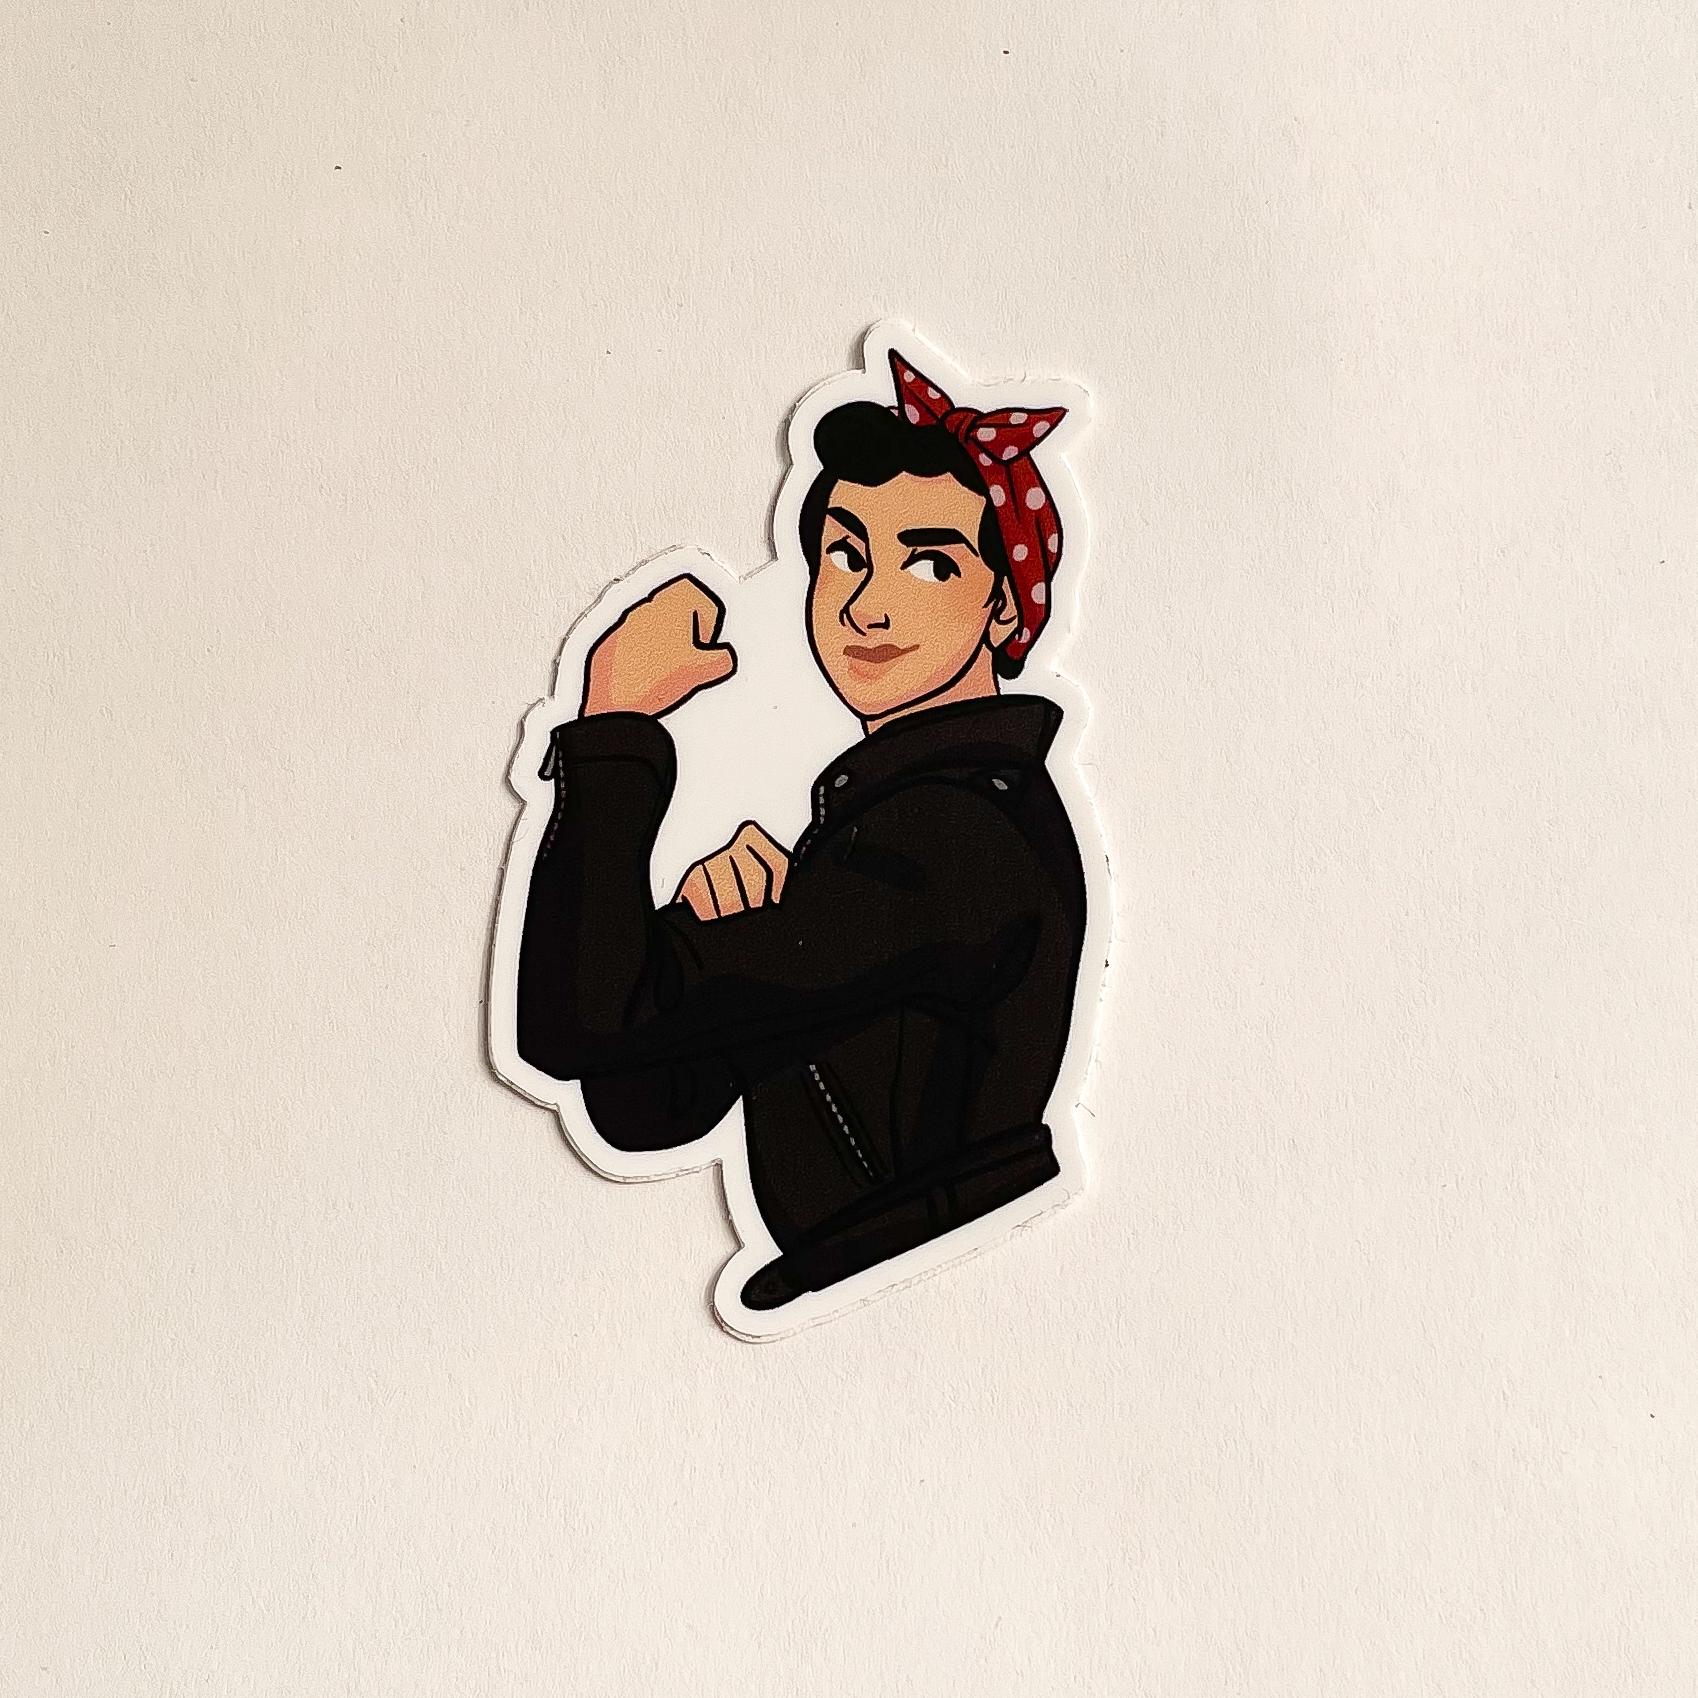 Sticker of a feminist woman cobbler